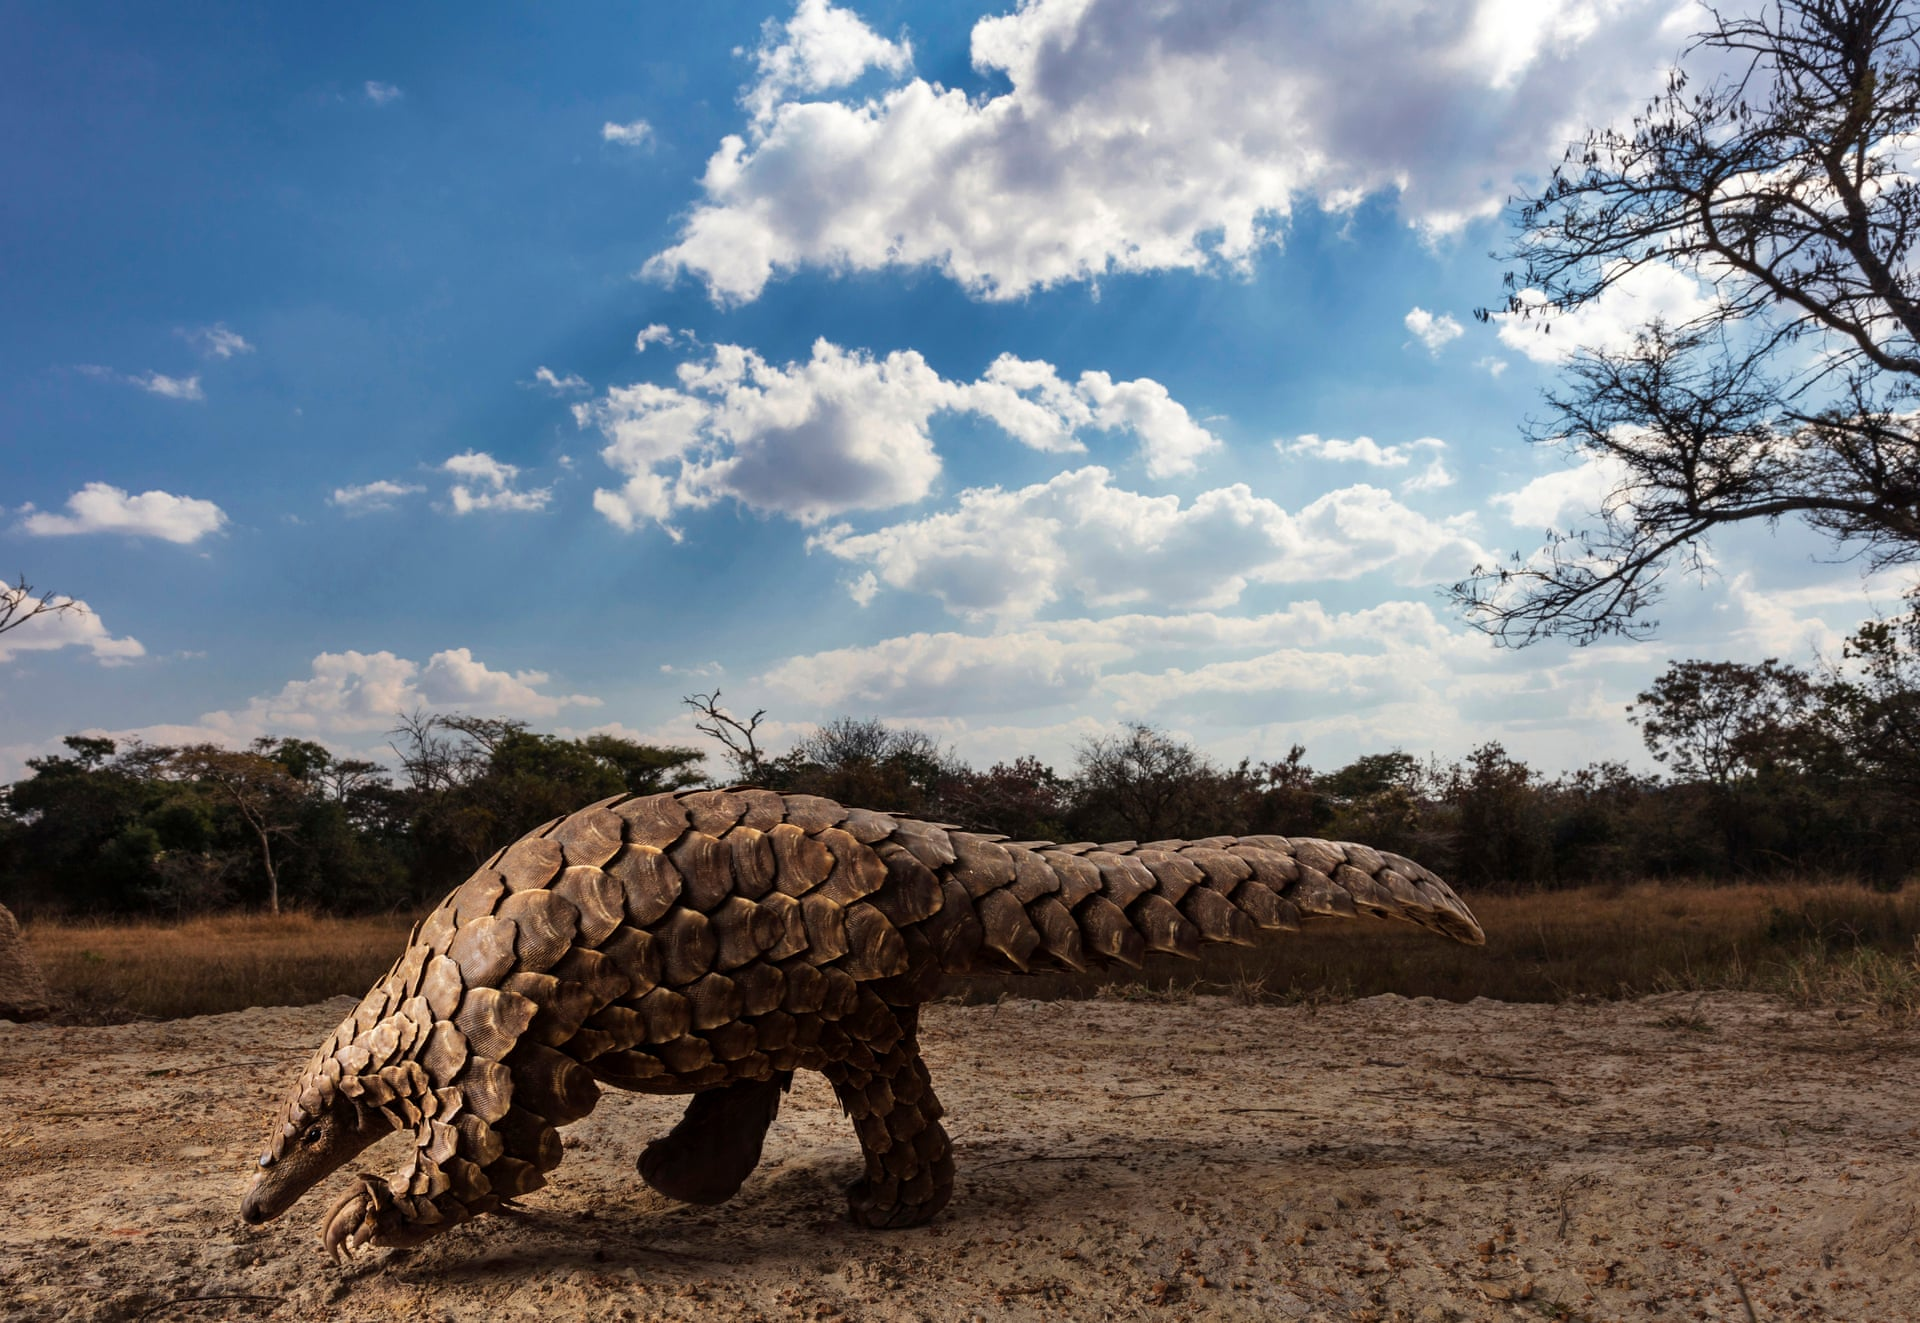 Победитель вкатегории «Мир природы идикие животные» (Natural world & wildelife) — Брент Стиртон / Brent Stirton (Южная Африка), цикл «Панголины вкризисе» / Pangolins in Crisis